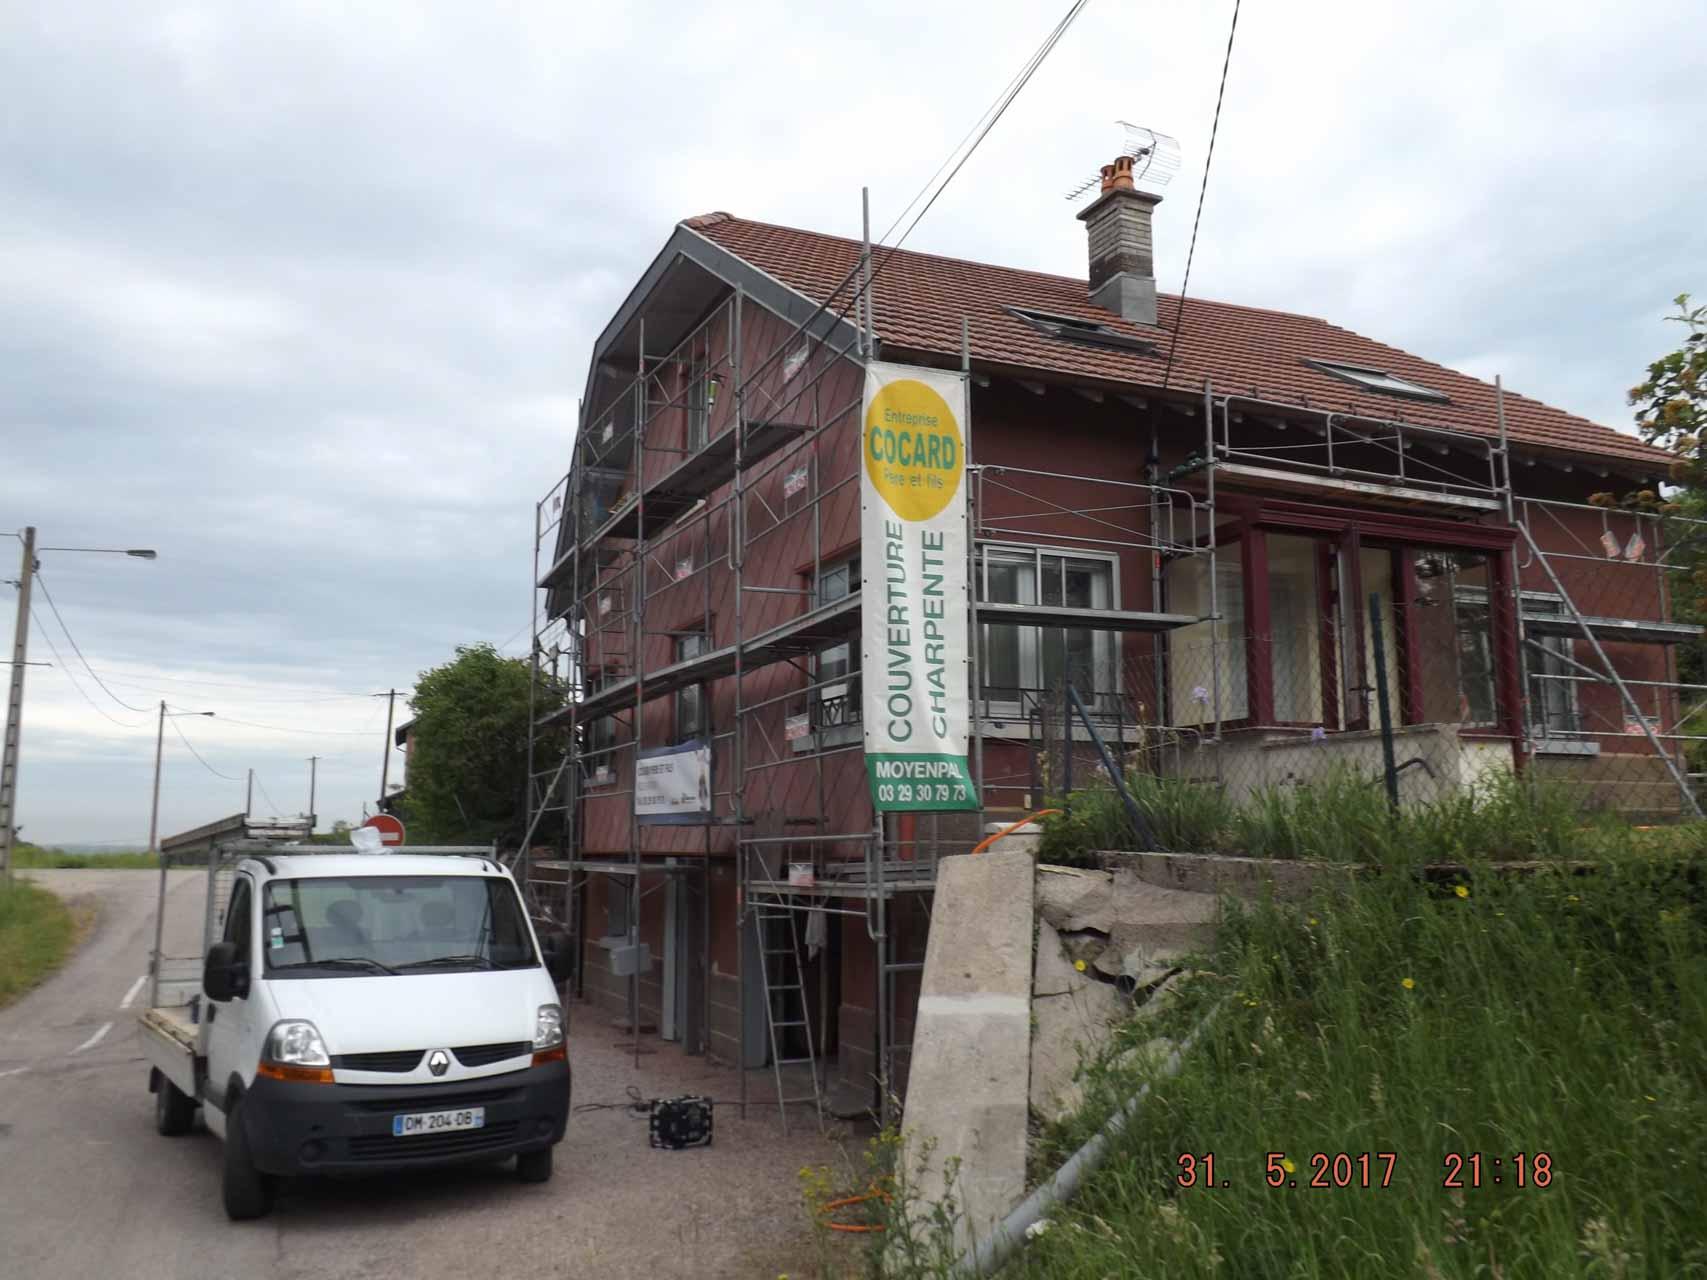 Entreprise de charpente, couverture, rénovation intérieure, maçonnerie, peinture et ravalement à Xertigny - Cocard et Fils (166)